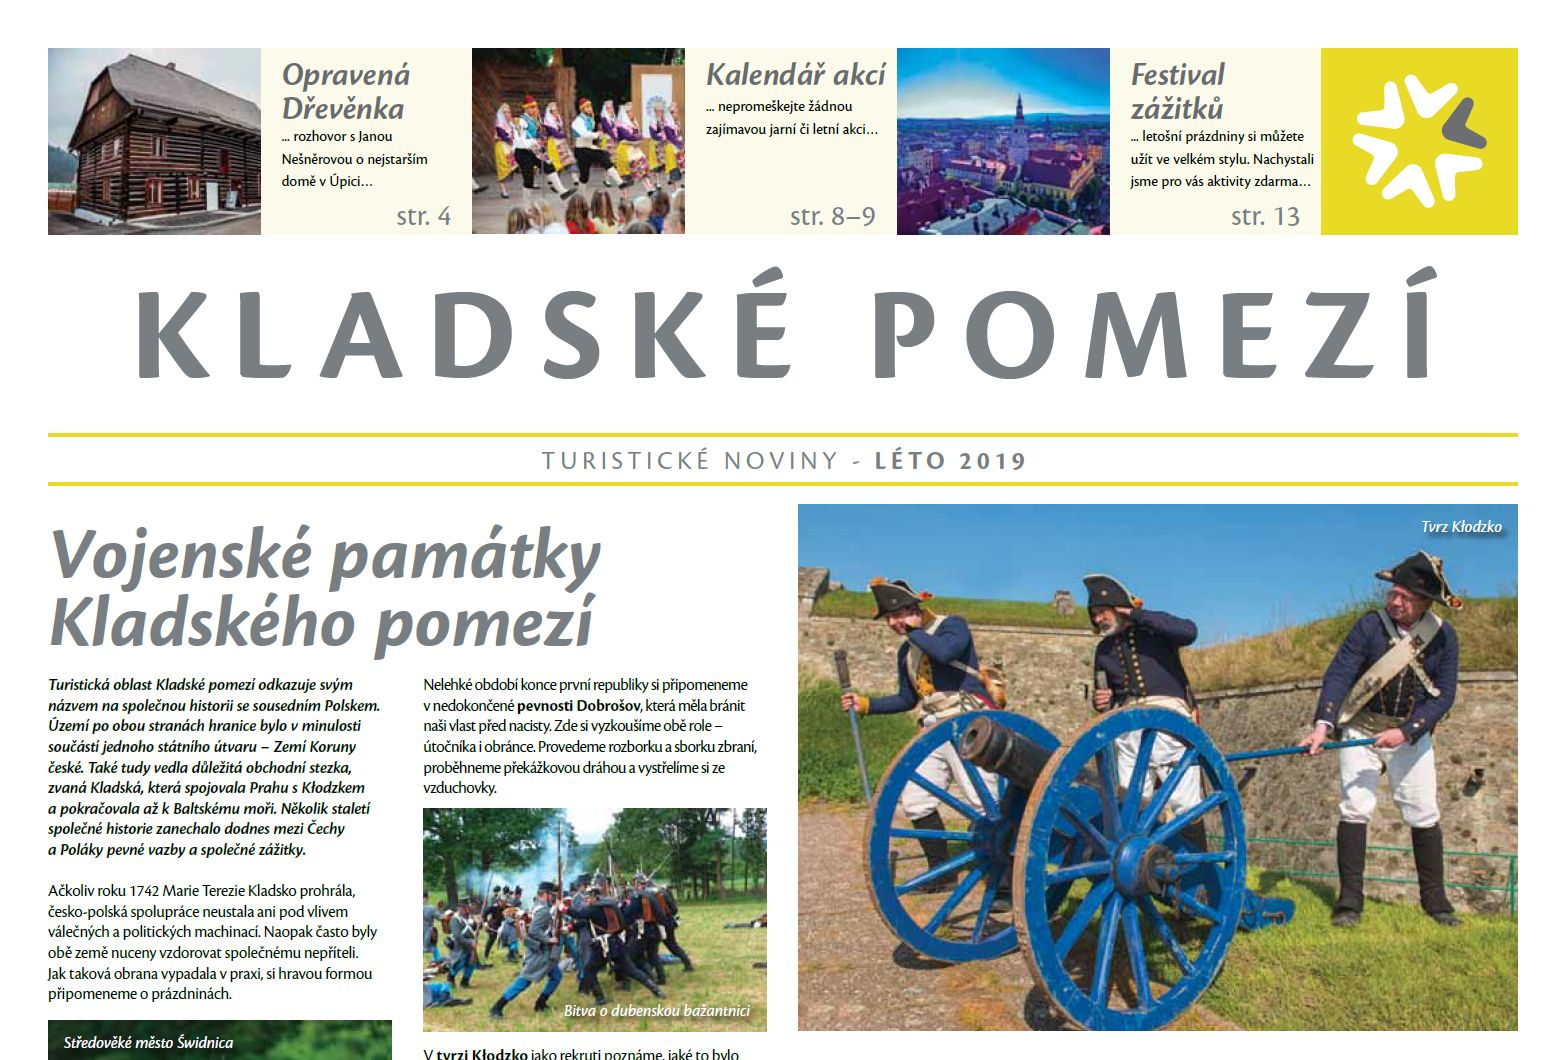 Vychází letní turistické noviny Kladského pomezí